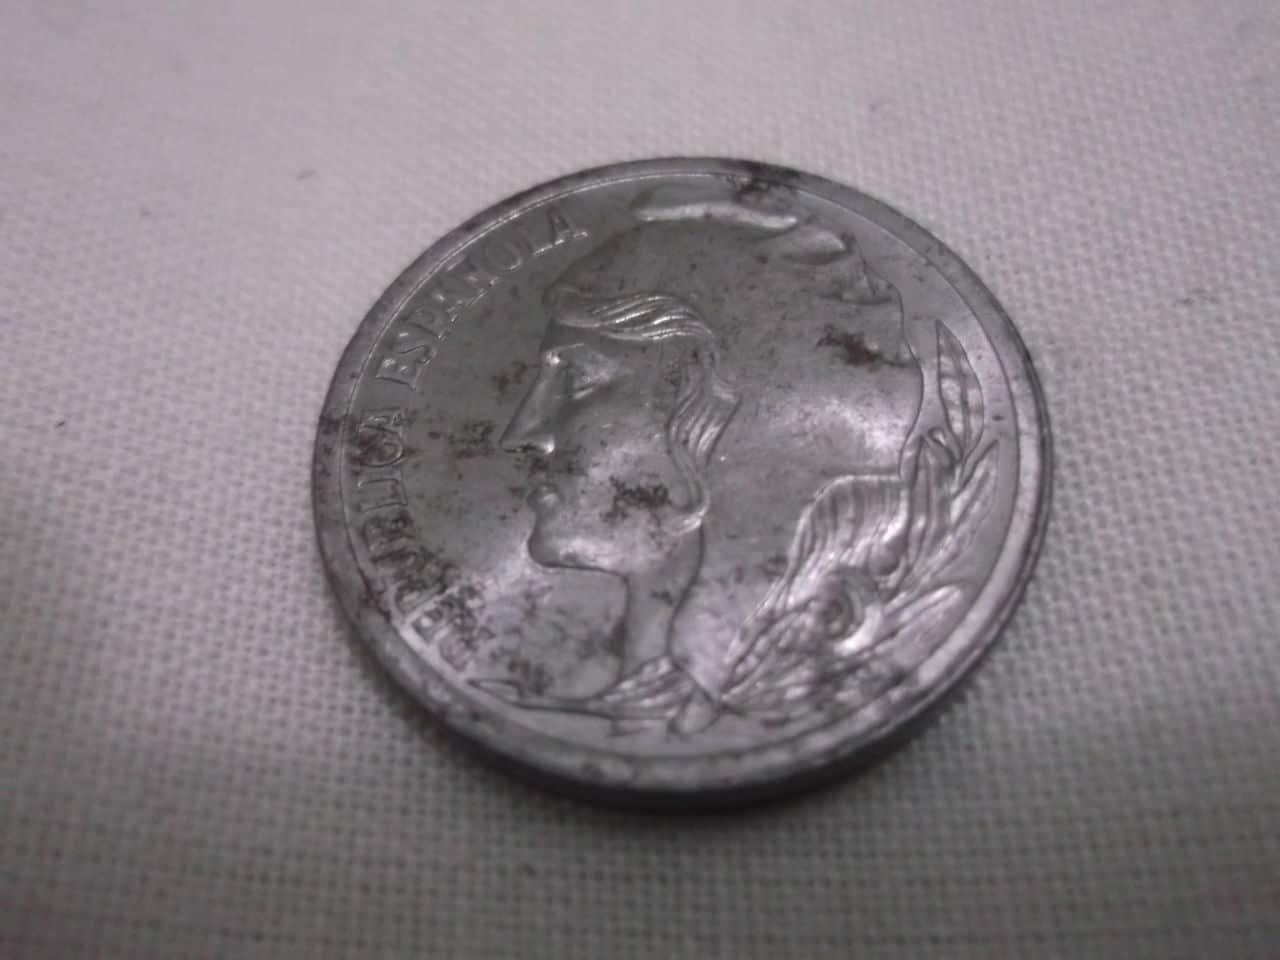 Más monedas de 5 céntimos de 1937 DSCF3348